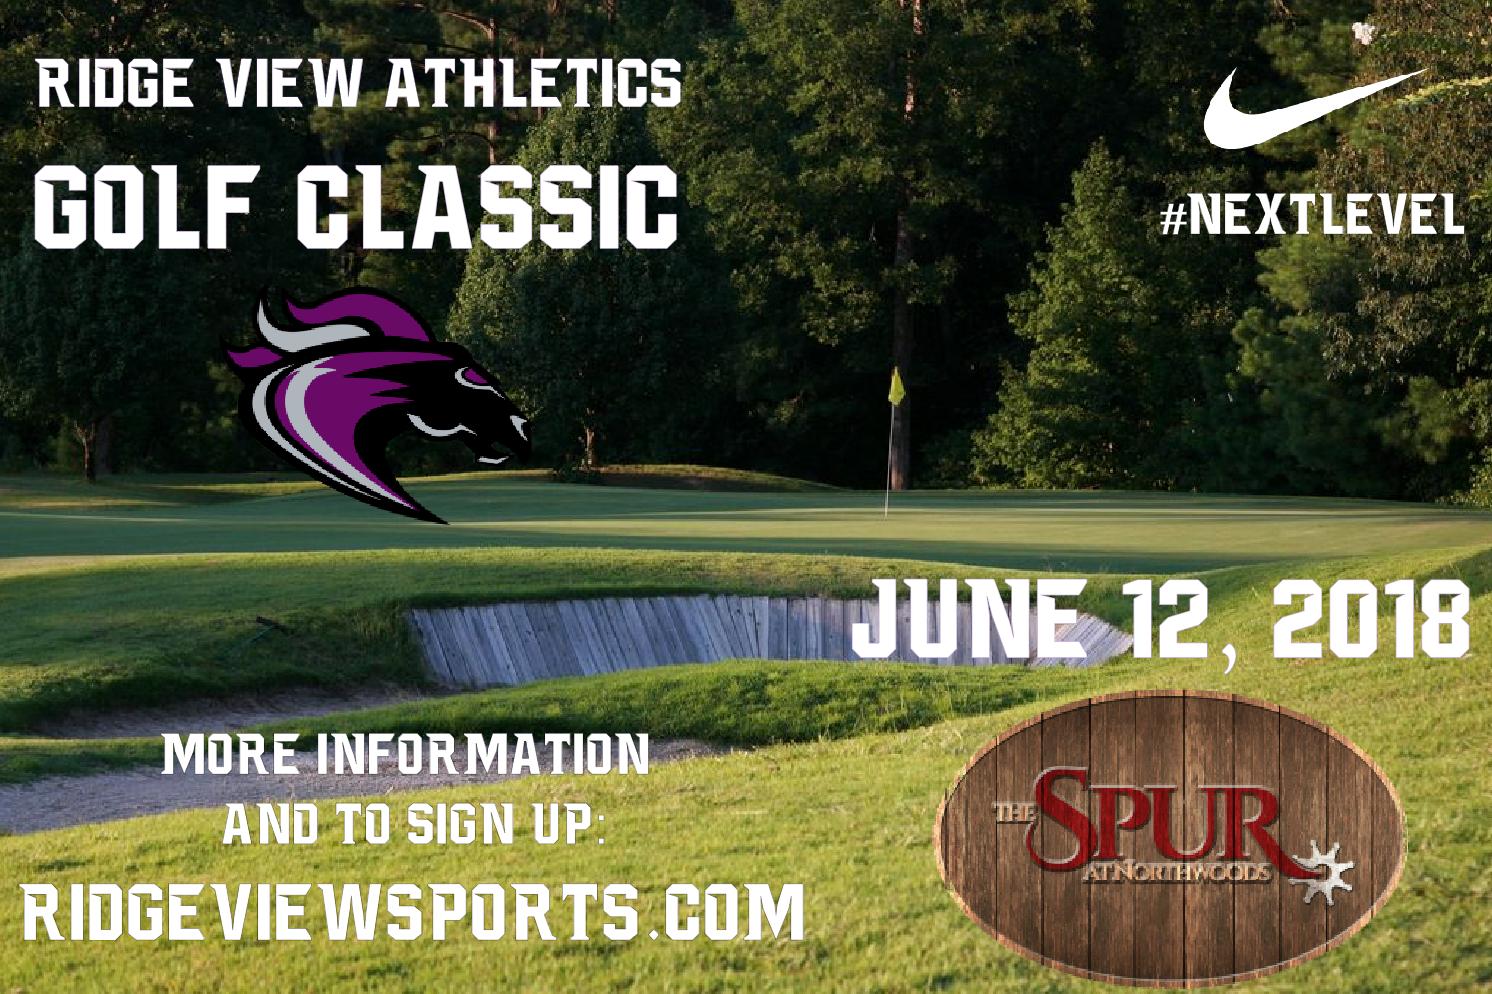 Ridge View Athletics Golf Classic Set for June 12!